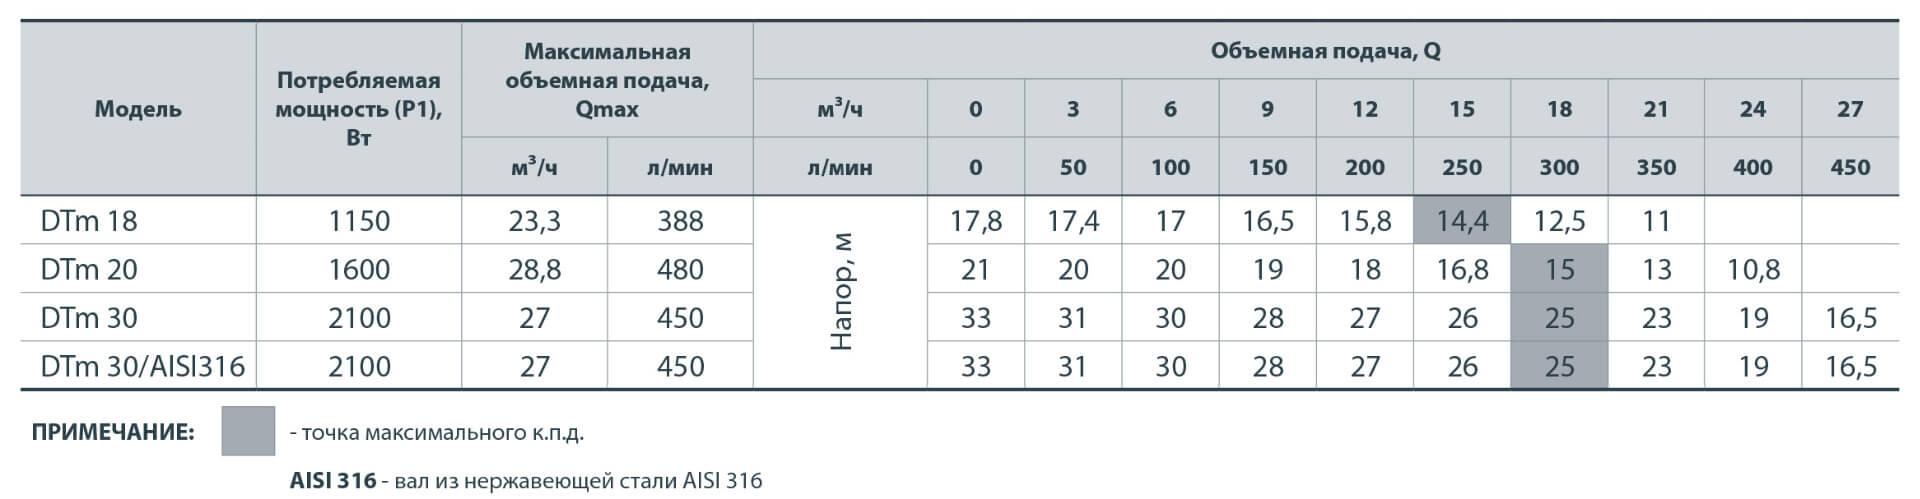 Поверхностный центробежный насос Насосы+ Dtm 30 2,1 кВт, H=33 м, 450 л/мин